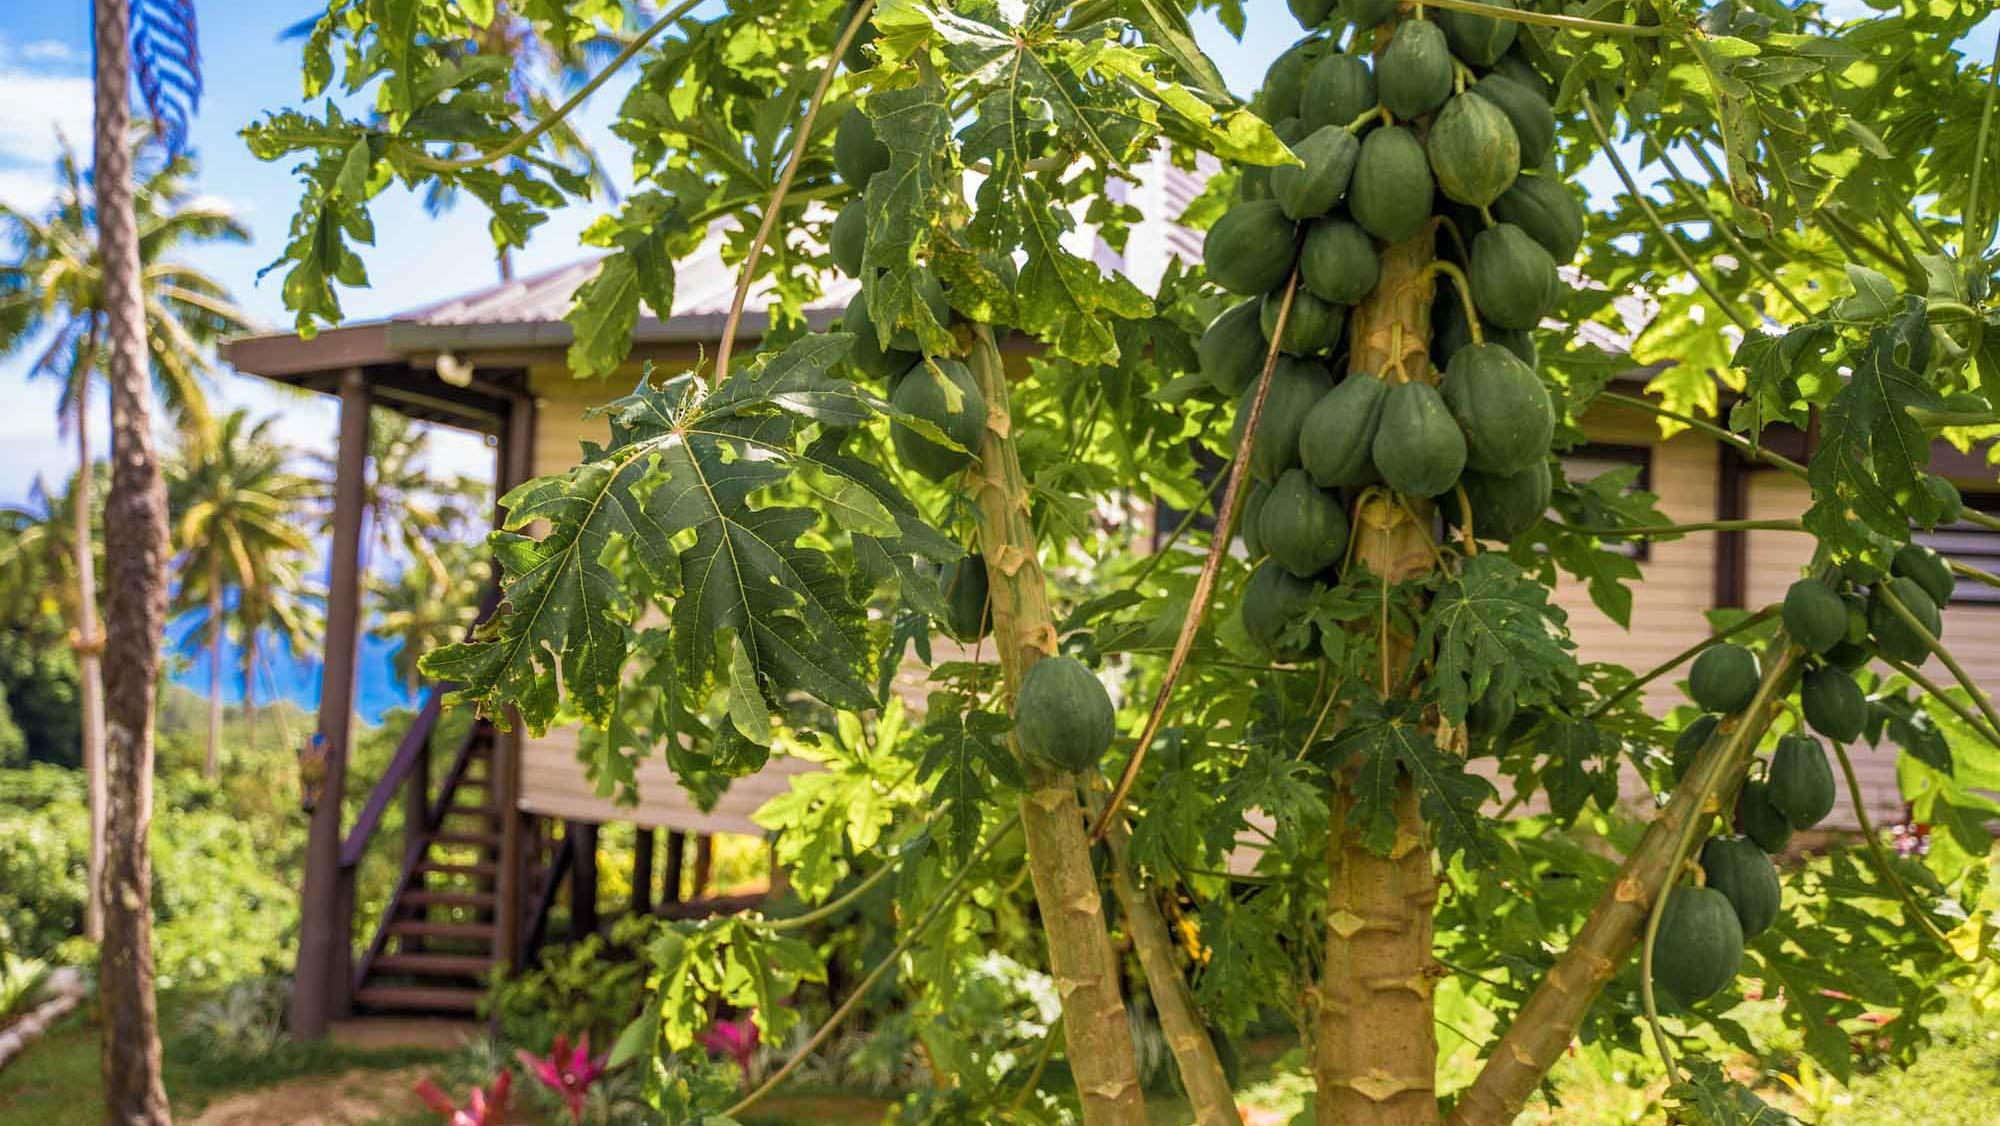 Plenty of fruit for picking